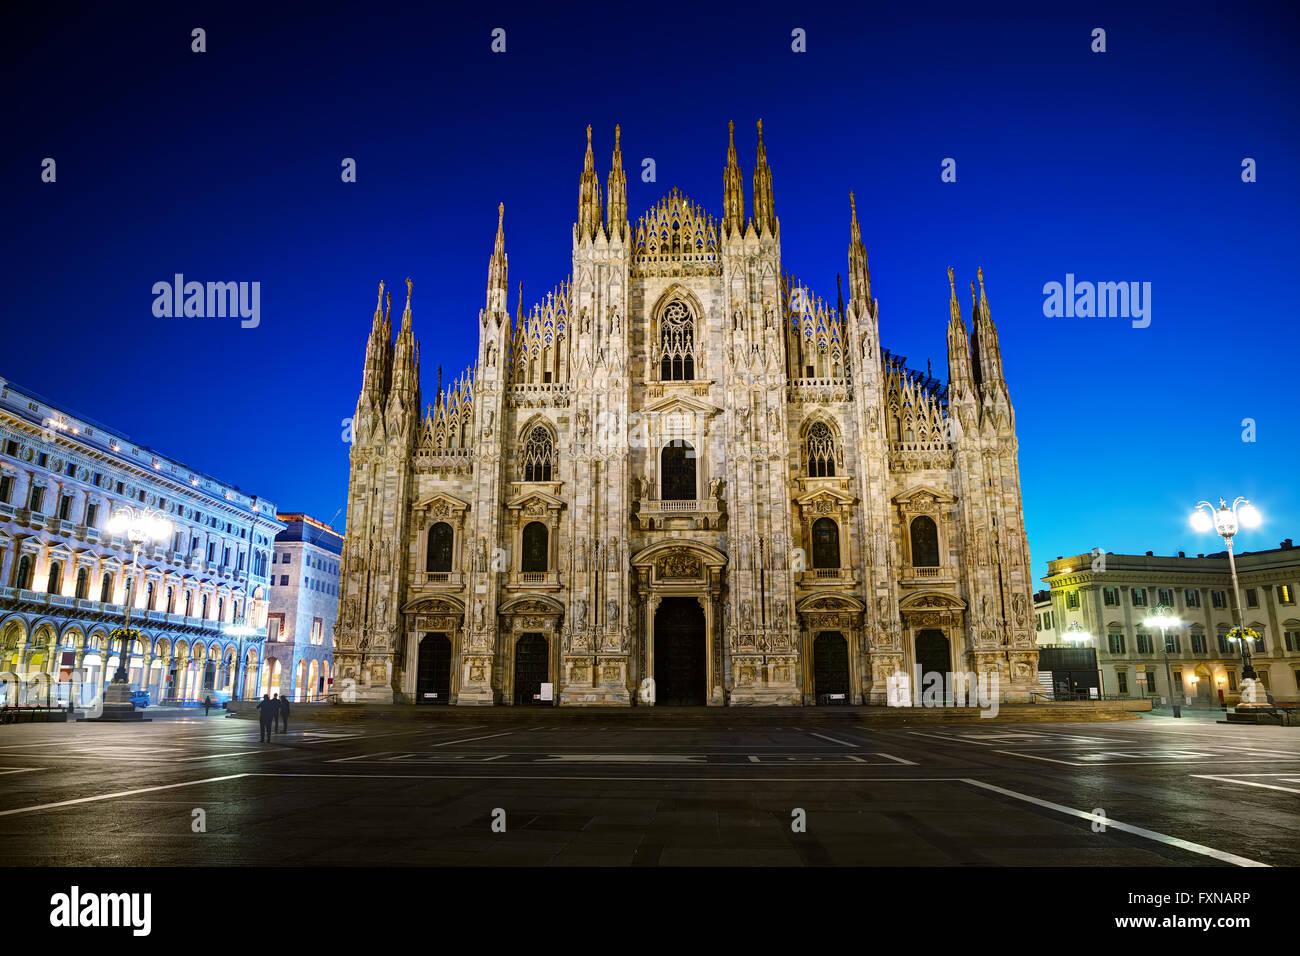 La Cathédrale de Duomo tôt le matin à Milan, Italie. Photo Stock